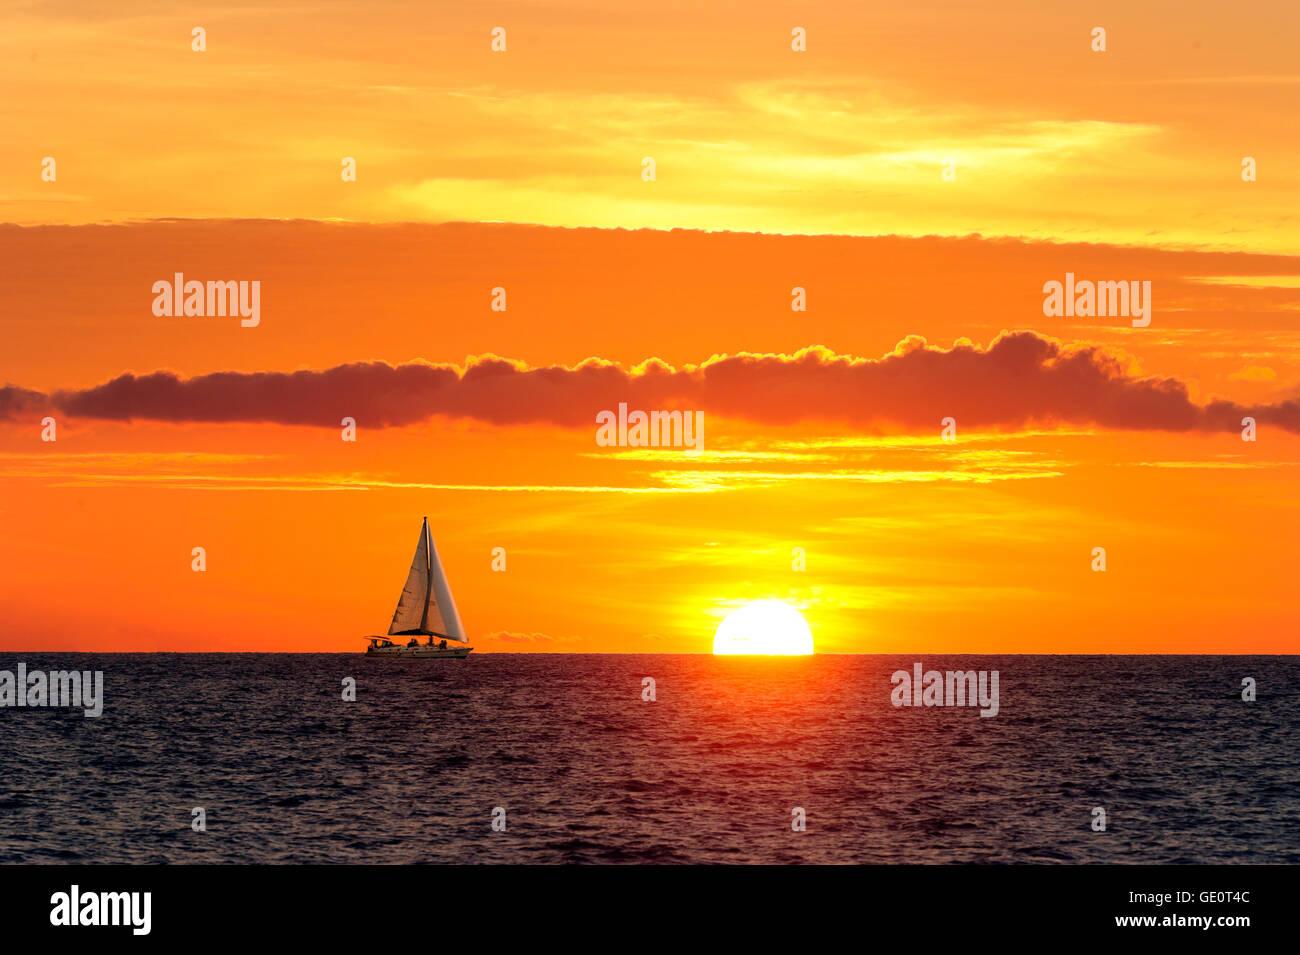 Barca a vela al tramonto è una barca a vela in movimento lungo l'acqua come il sole sta andando giù Immagini Stock